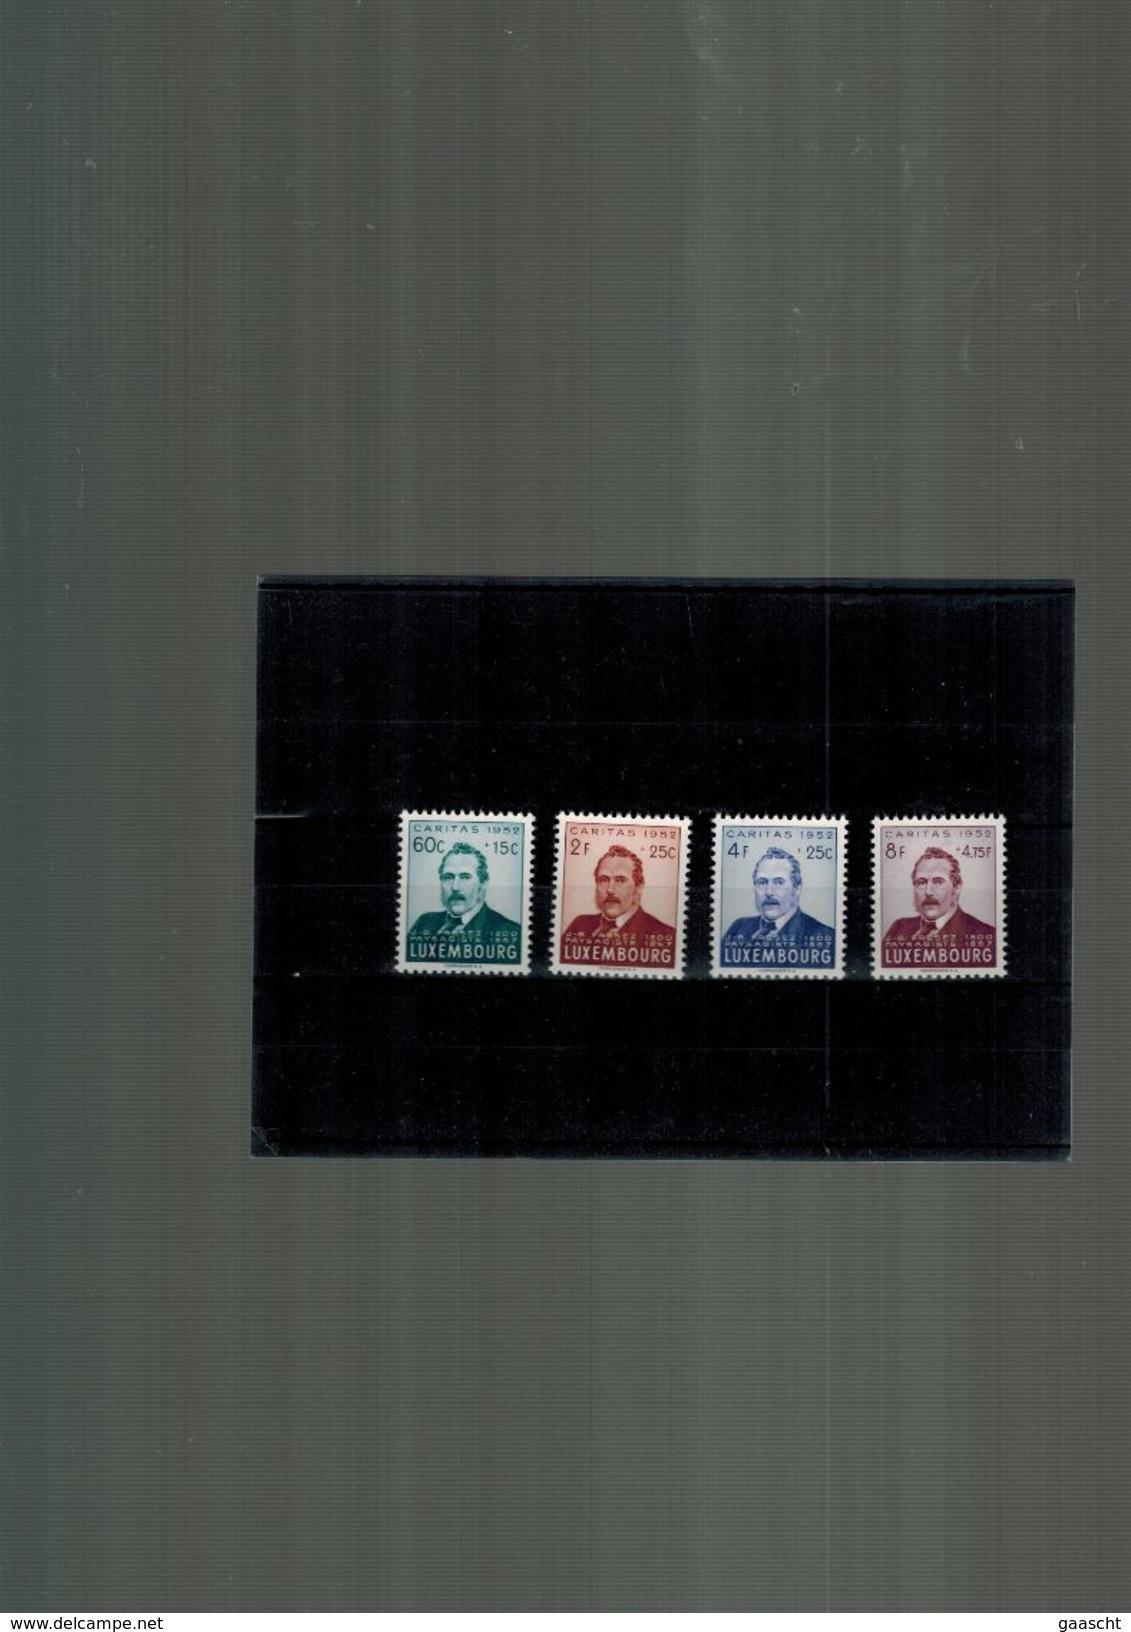 Luxembourg Serie De Timbres Caritas De 1952 Neuve Sans Charniere (postfrisch) Prifix 45._ EUR - Nuevos